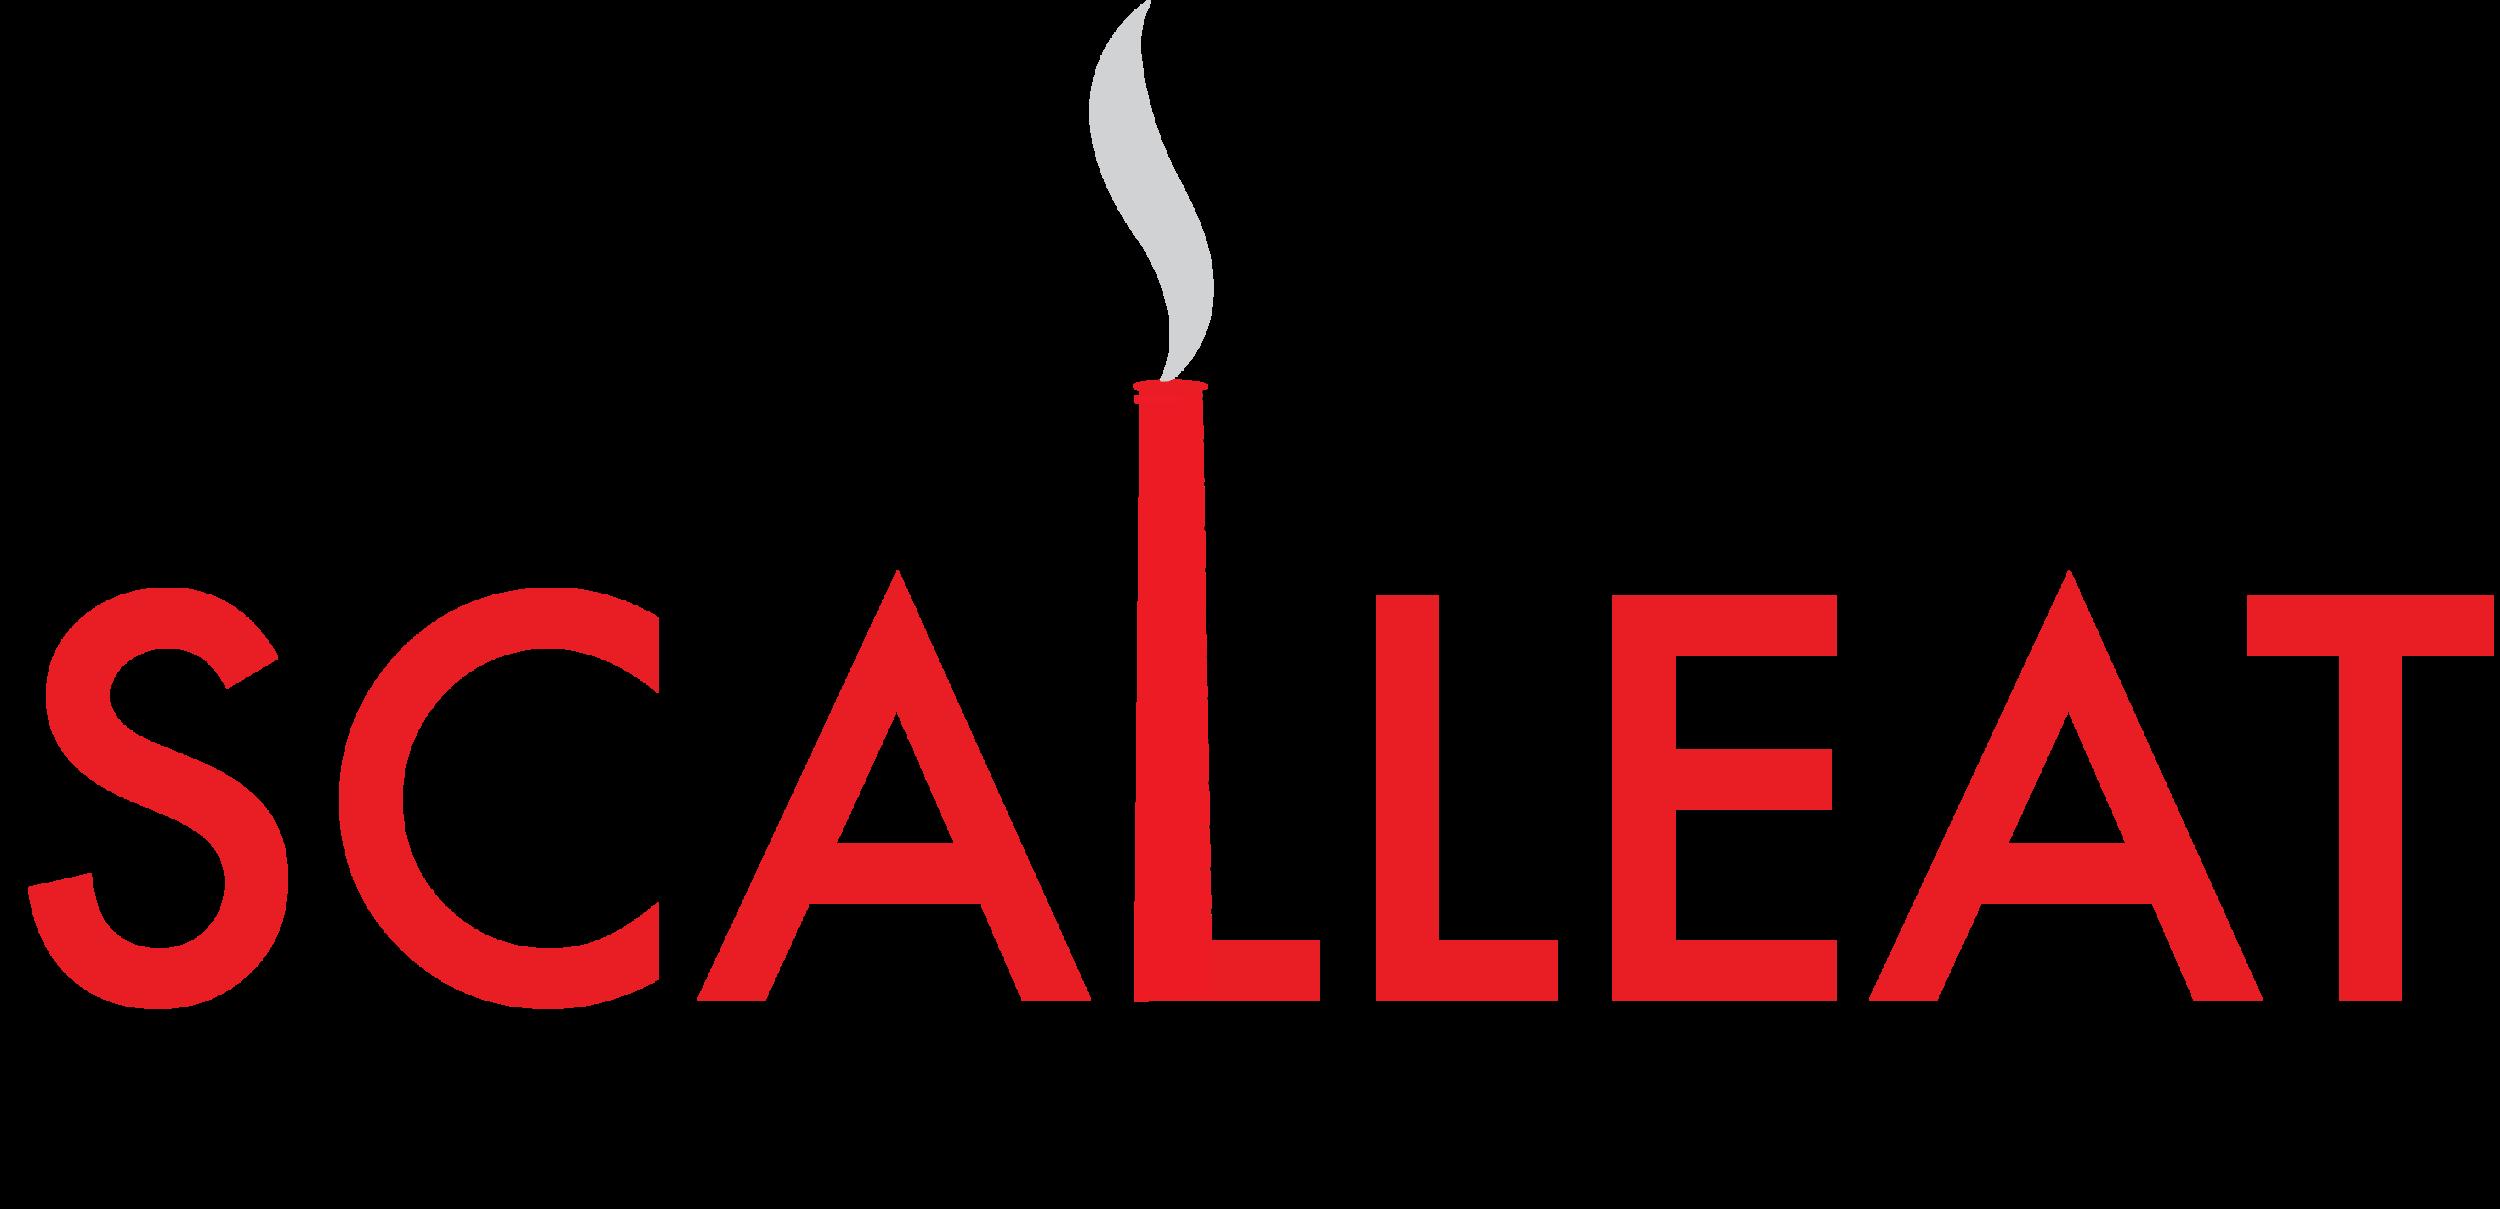 scalleatlogo.png